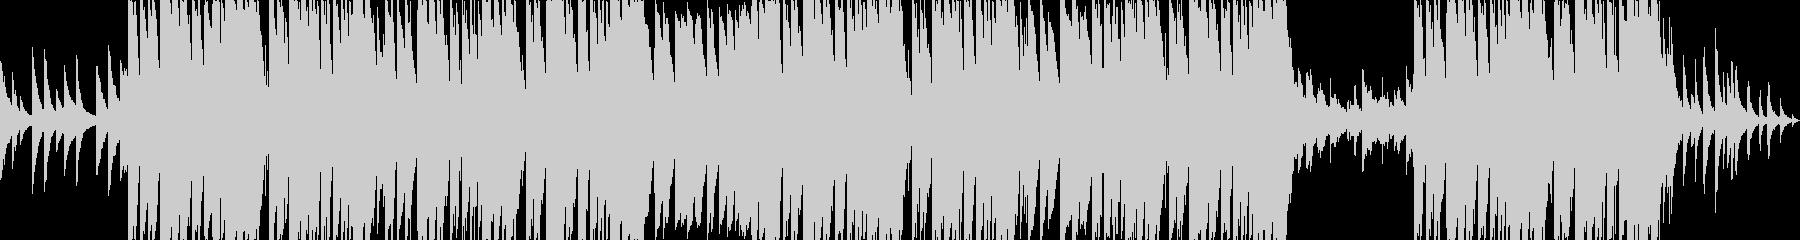 切ないエモーショナルピアノトラップの未再生の波形